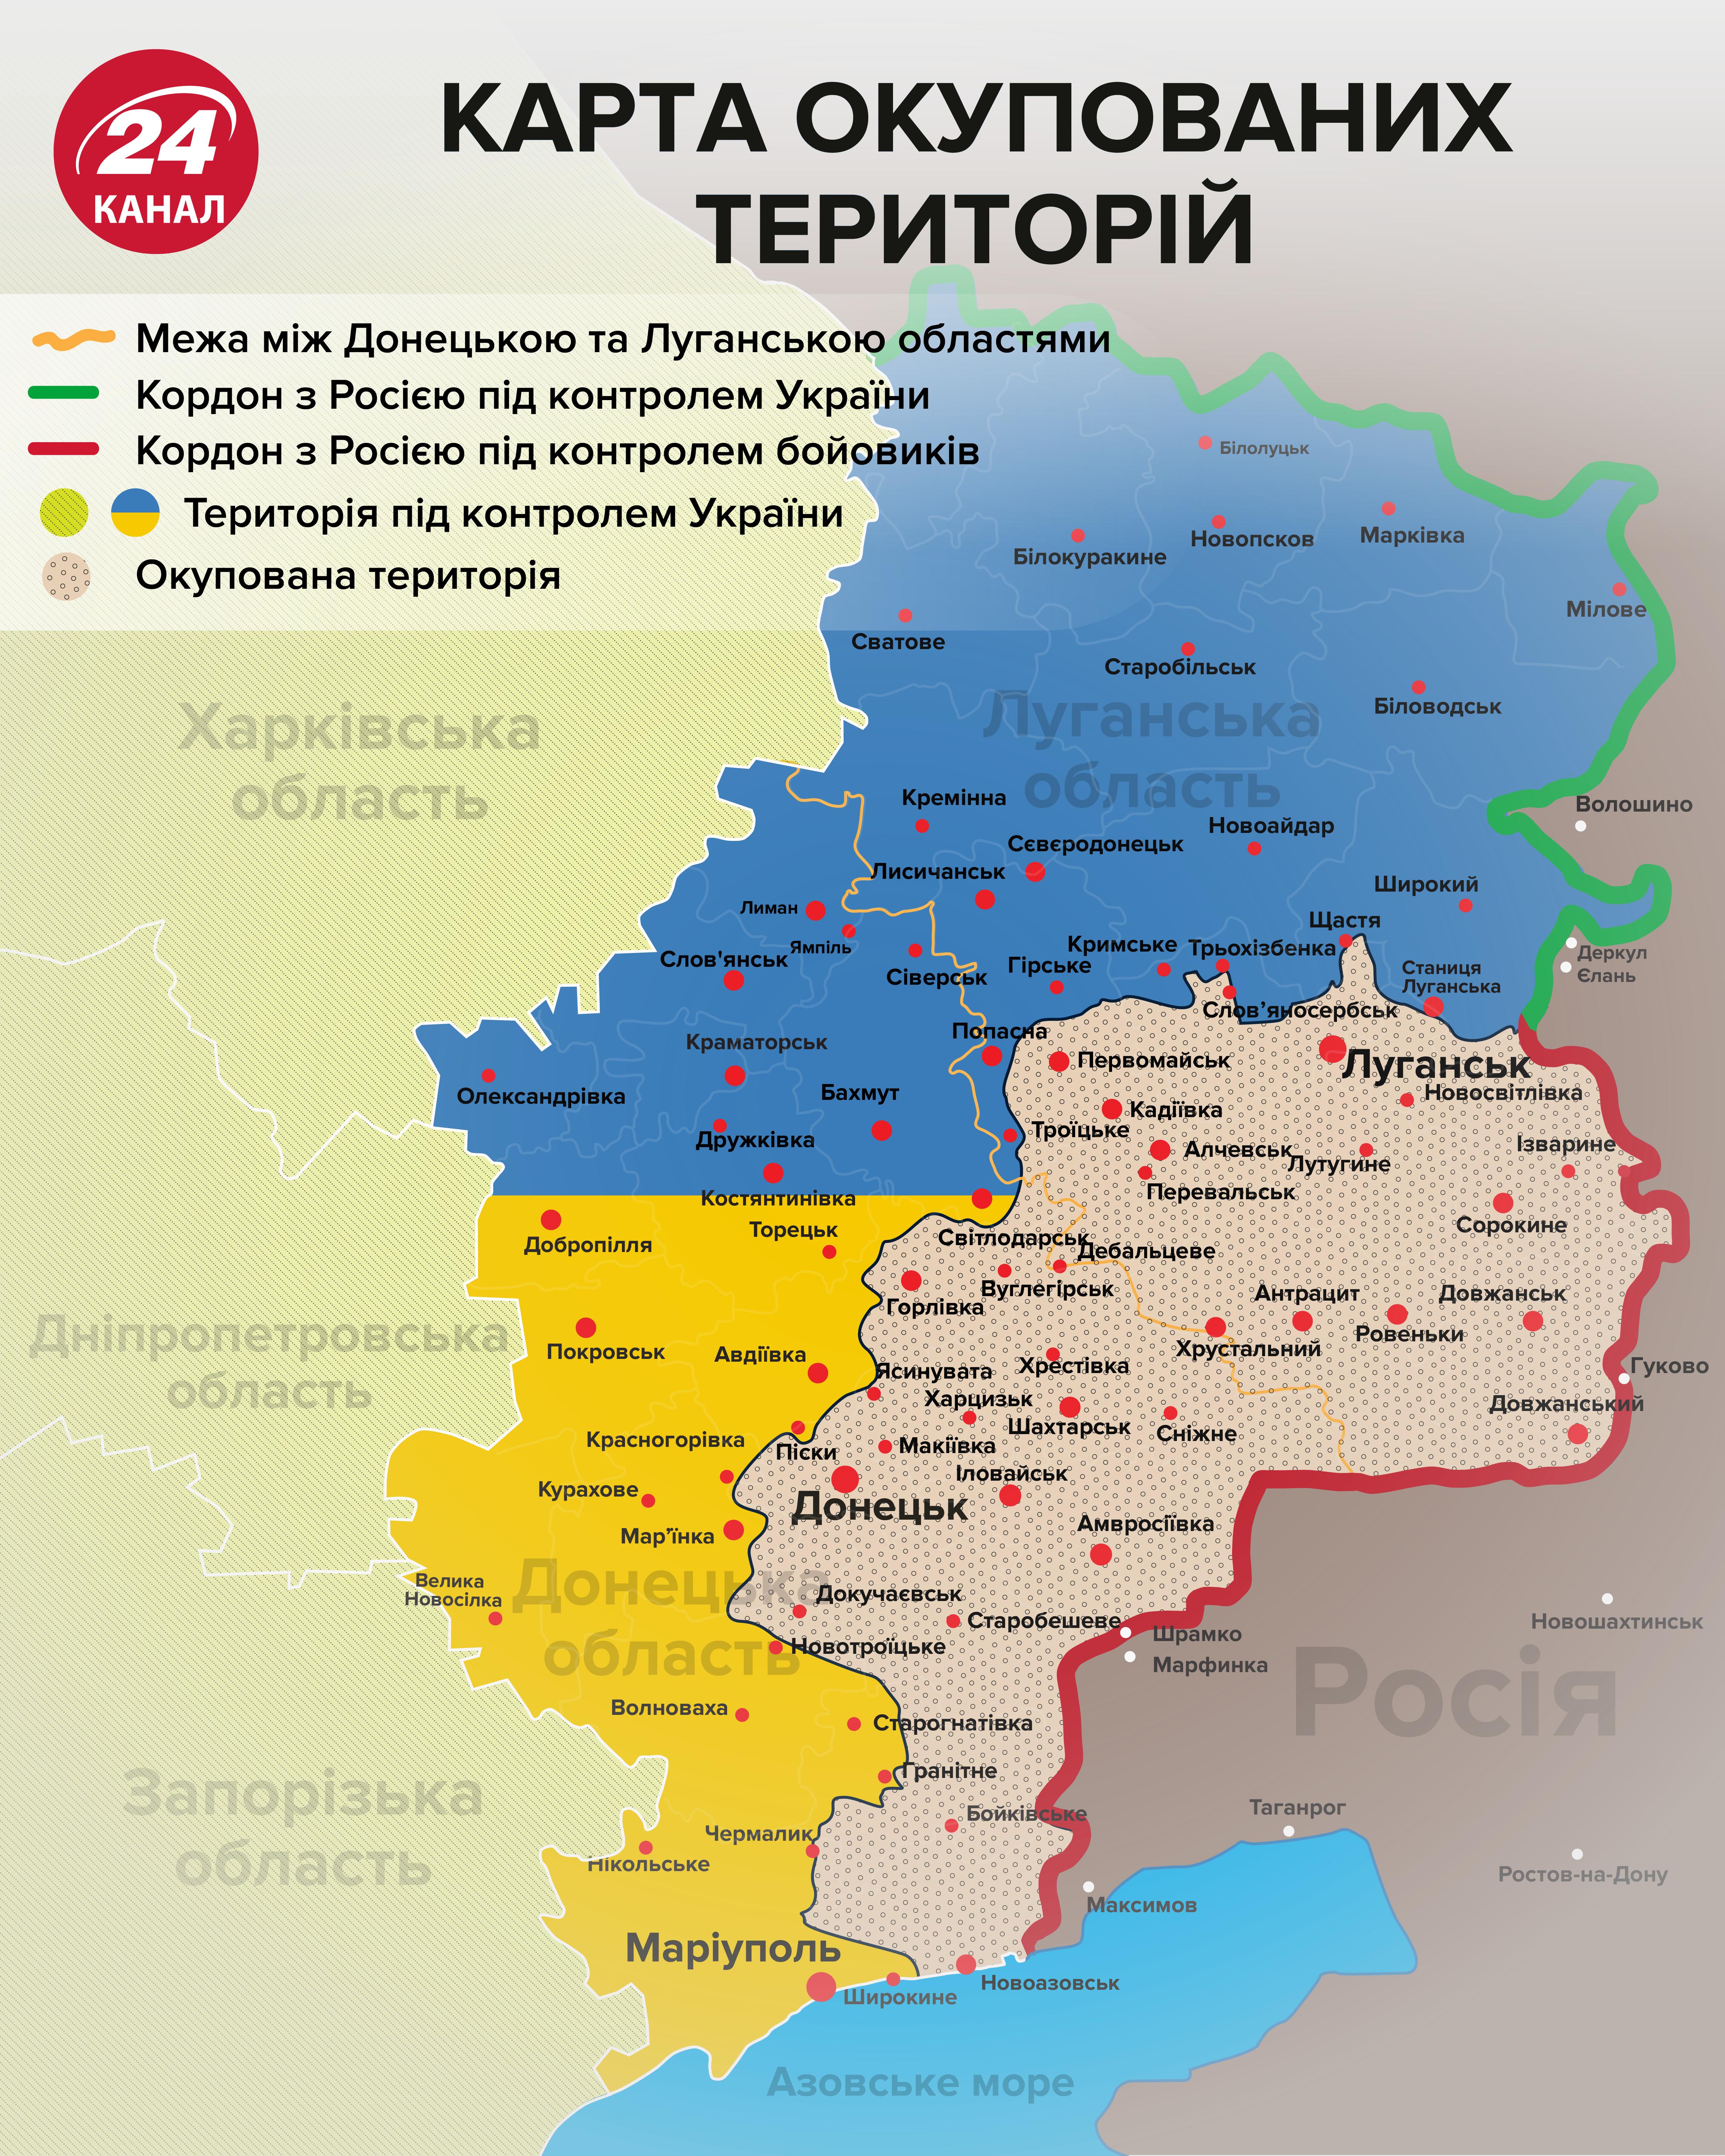 Ситуация на Донбассе: боевики продолжают стрелять по участкам разведения